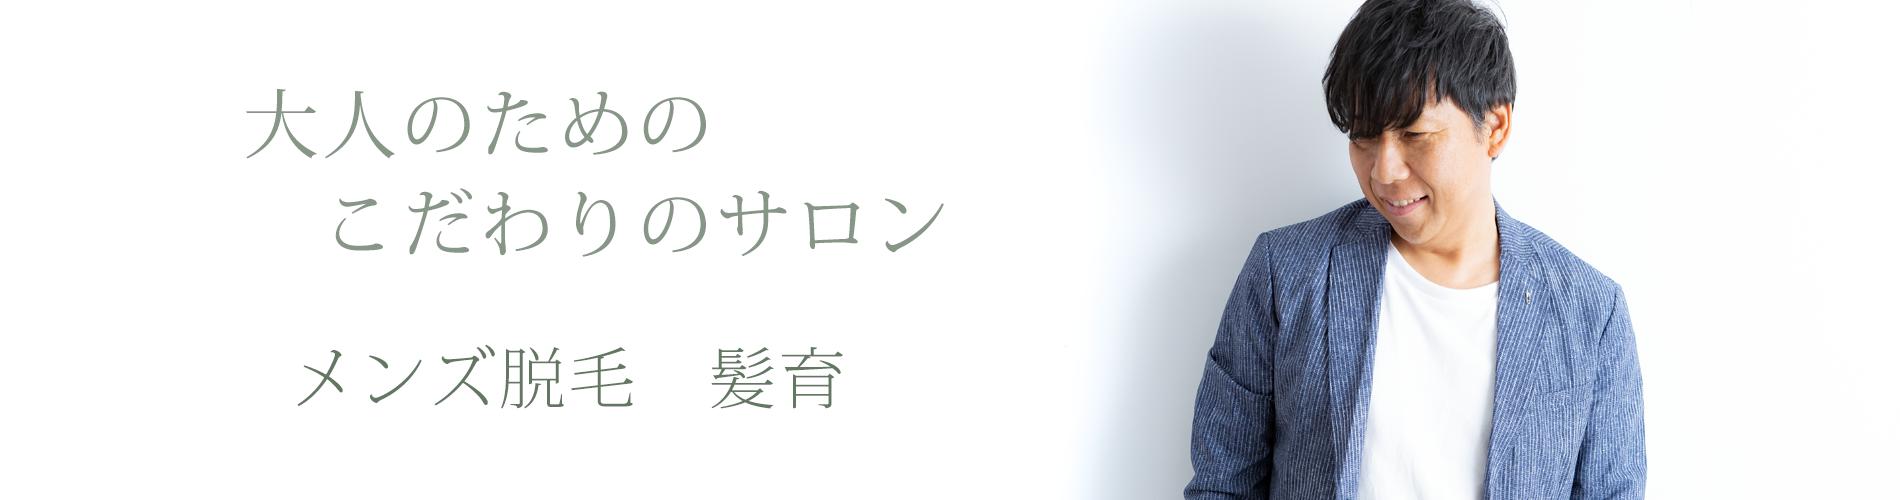 名古屋市守山区のエステスクール 髪育 脱毛 トータルプロデュースKirei